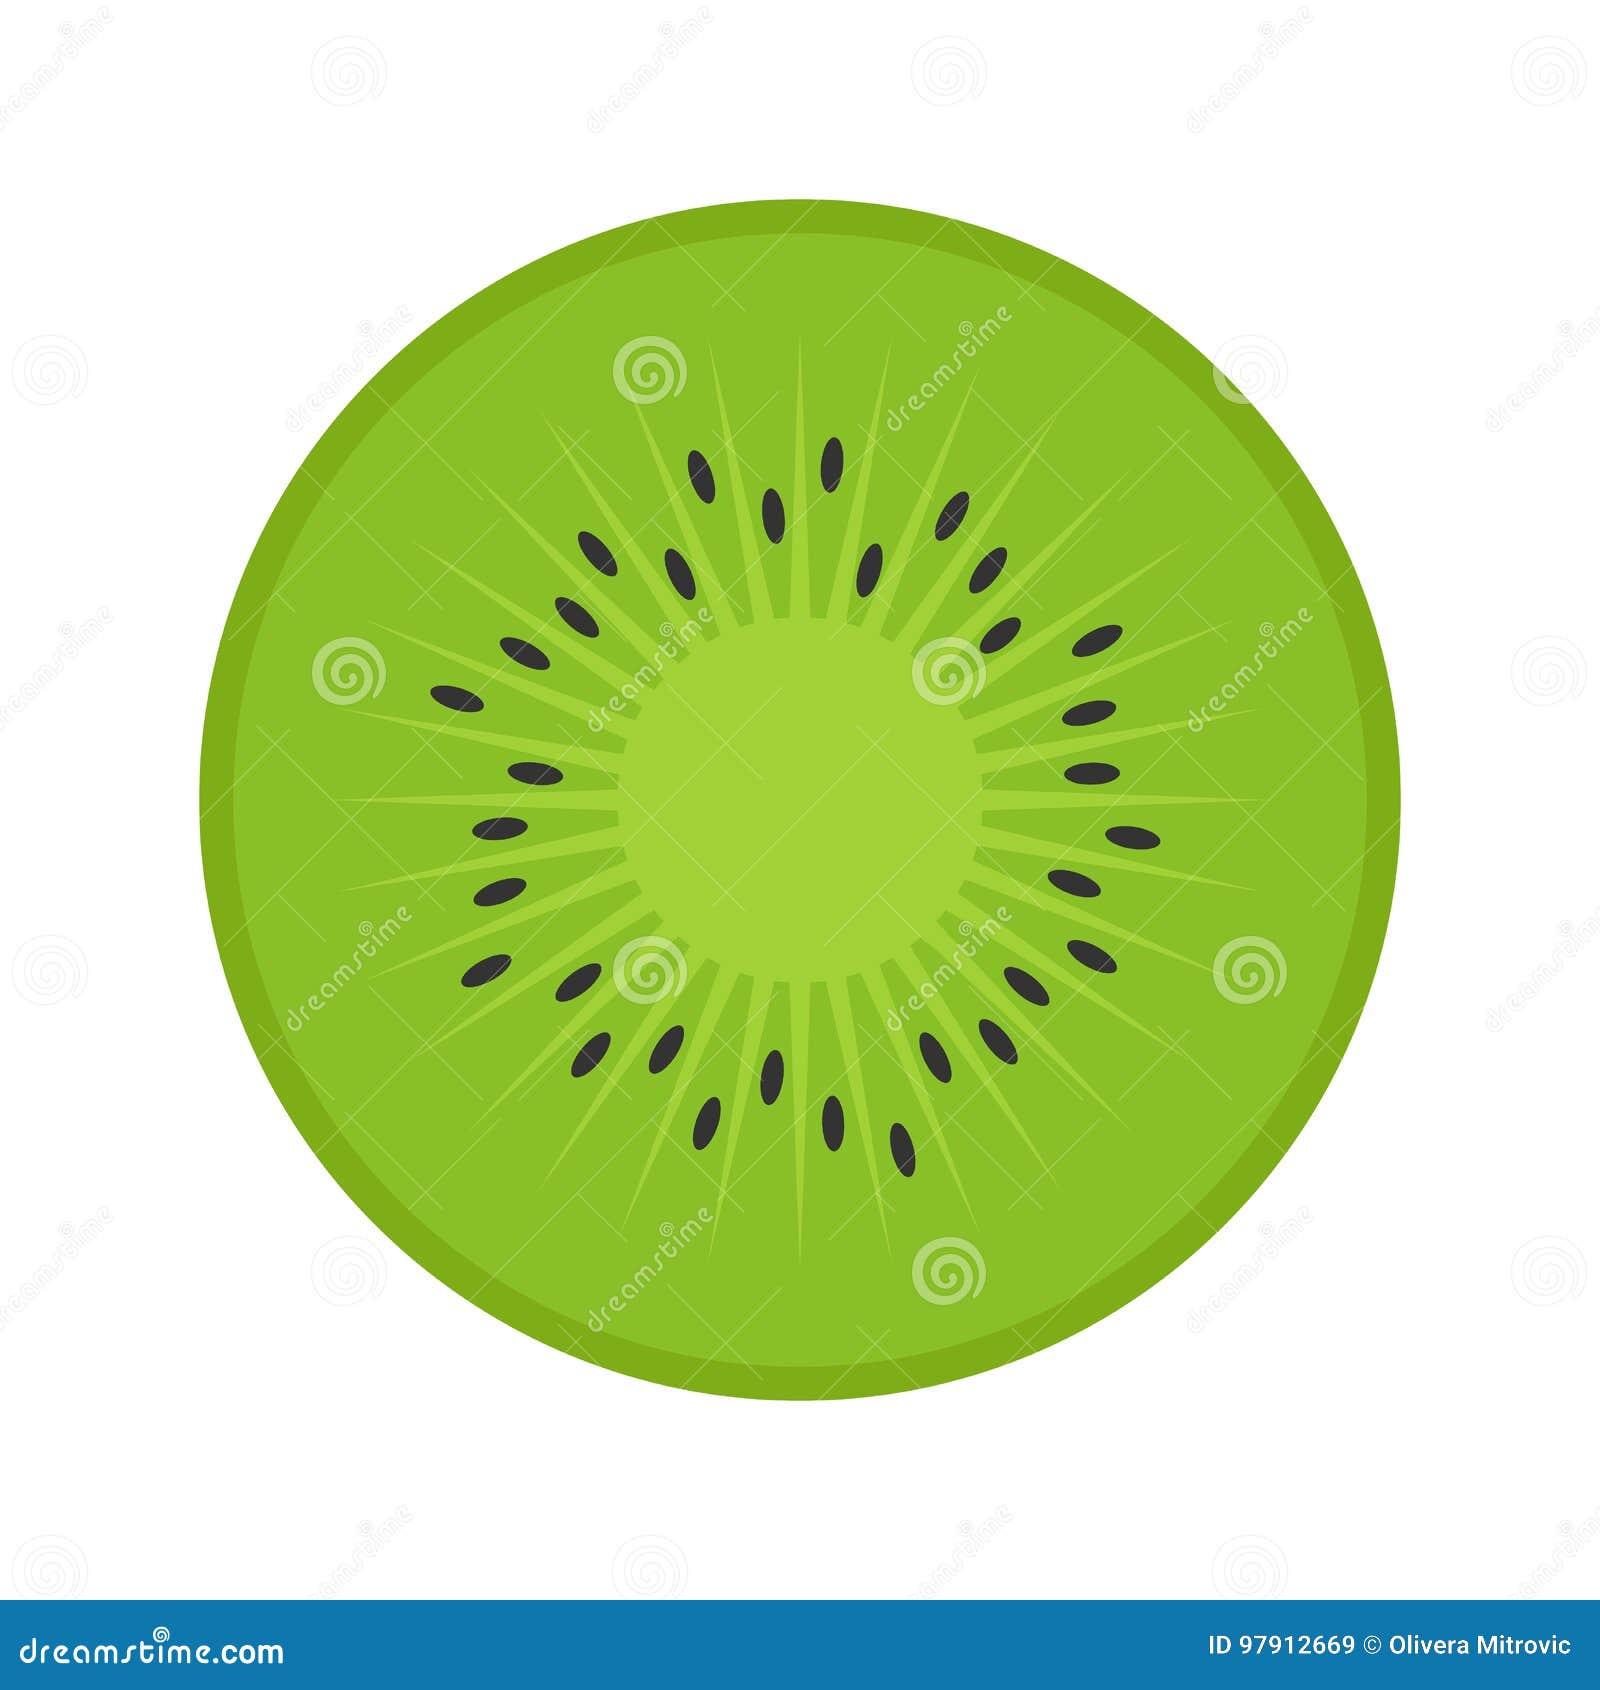 Flat icon kiwi